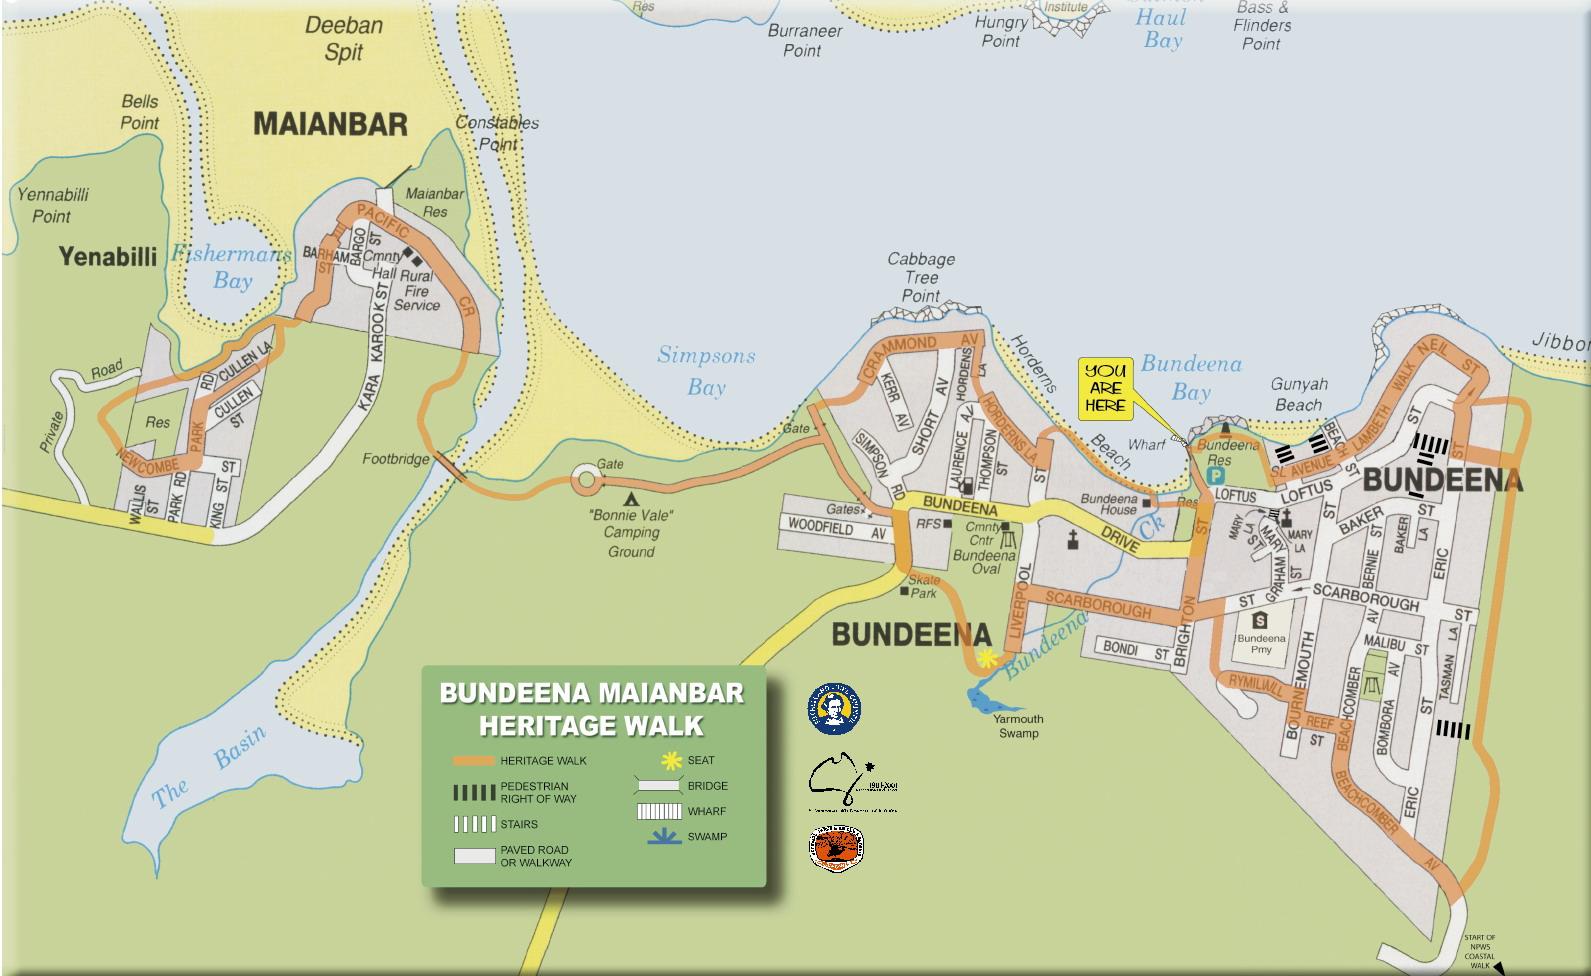 Bundeena Maianbar Heritage Walk